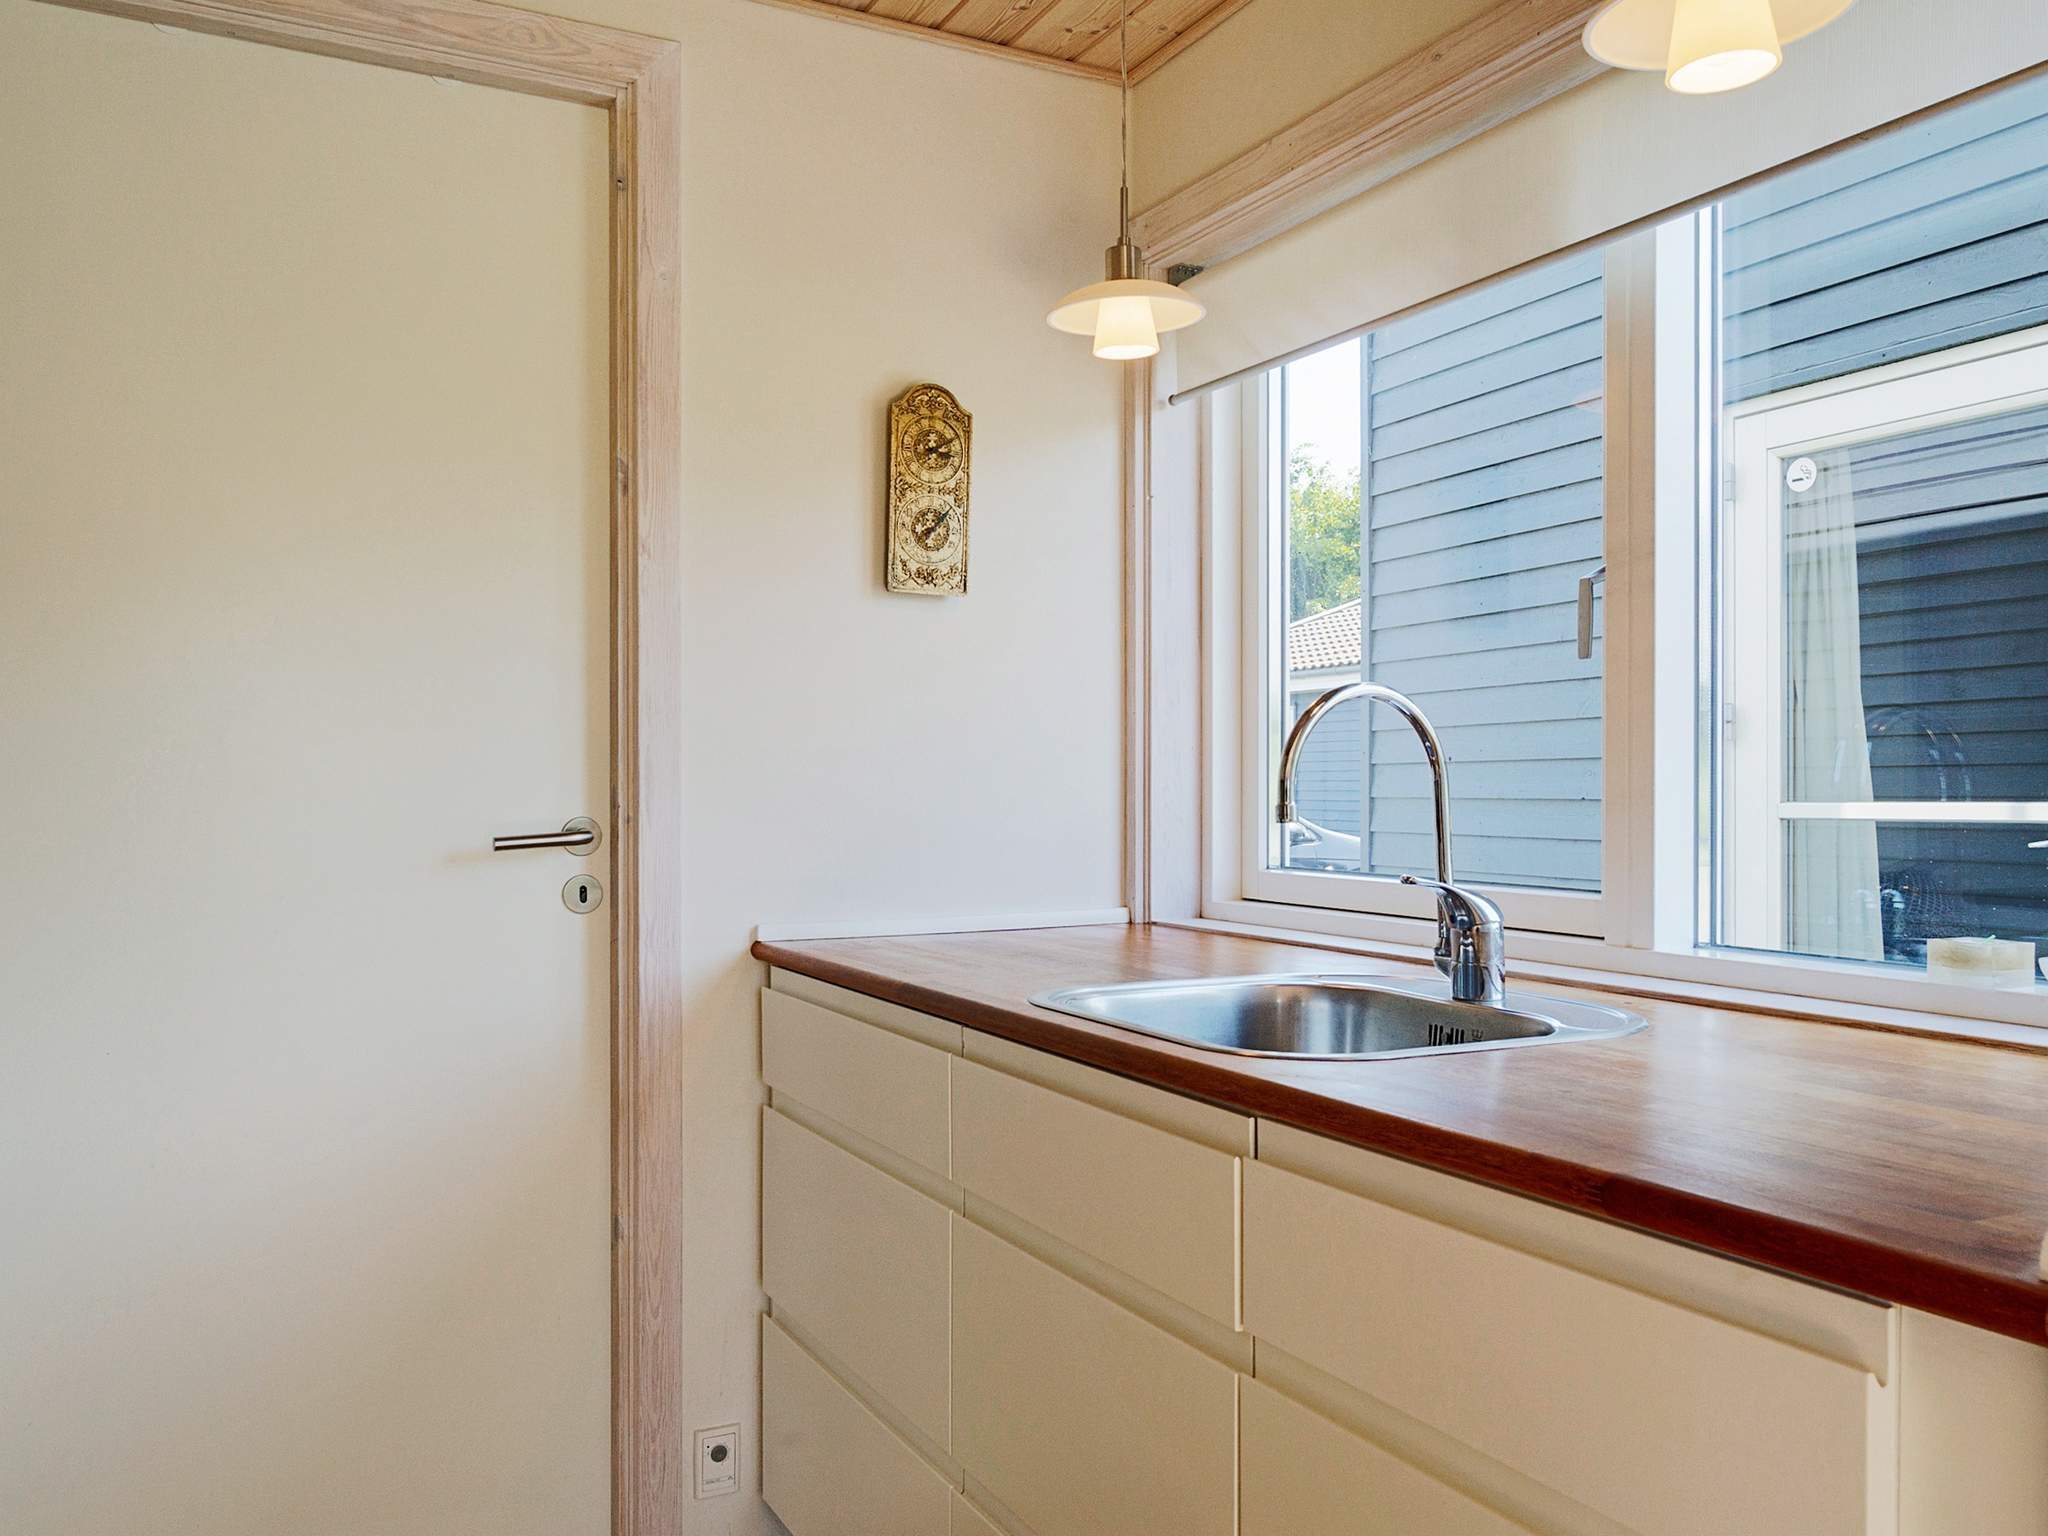 Ferienhaus Rø/Gudhjem (251665), Gudhjem, , Bornholm, Dänemark, Bild 5